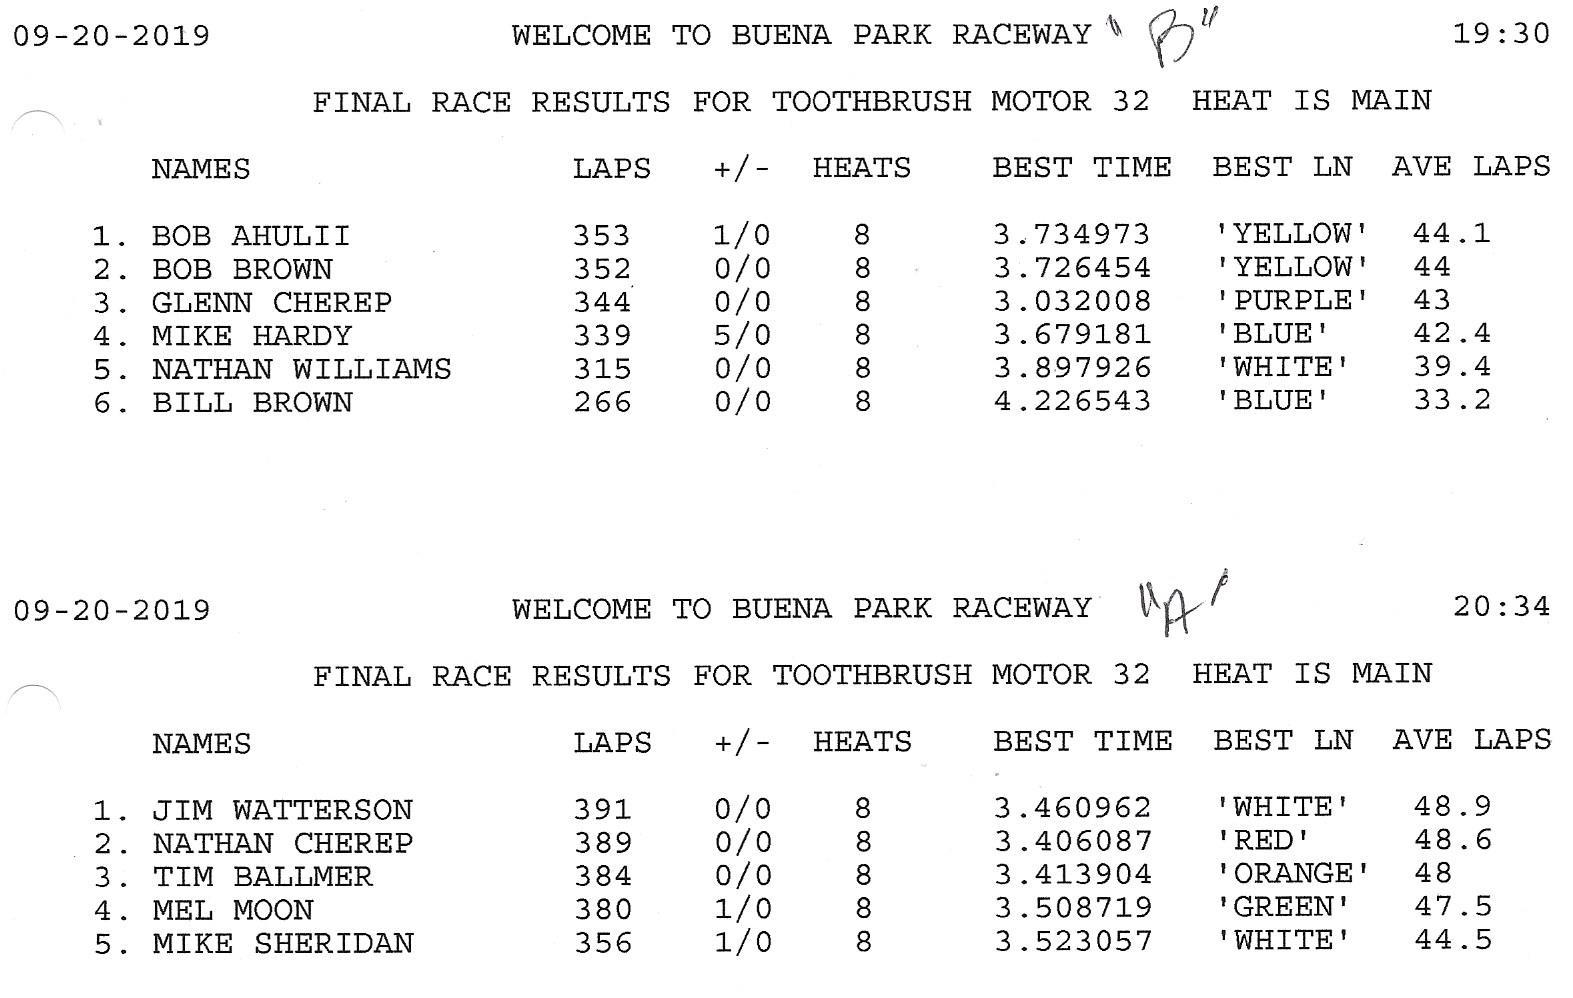 92019 tb results.jpeg